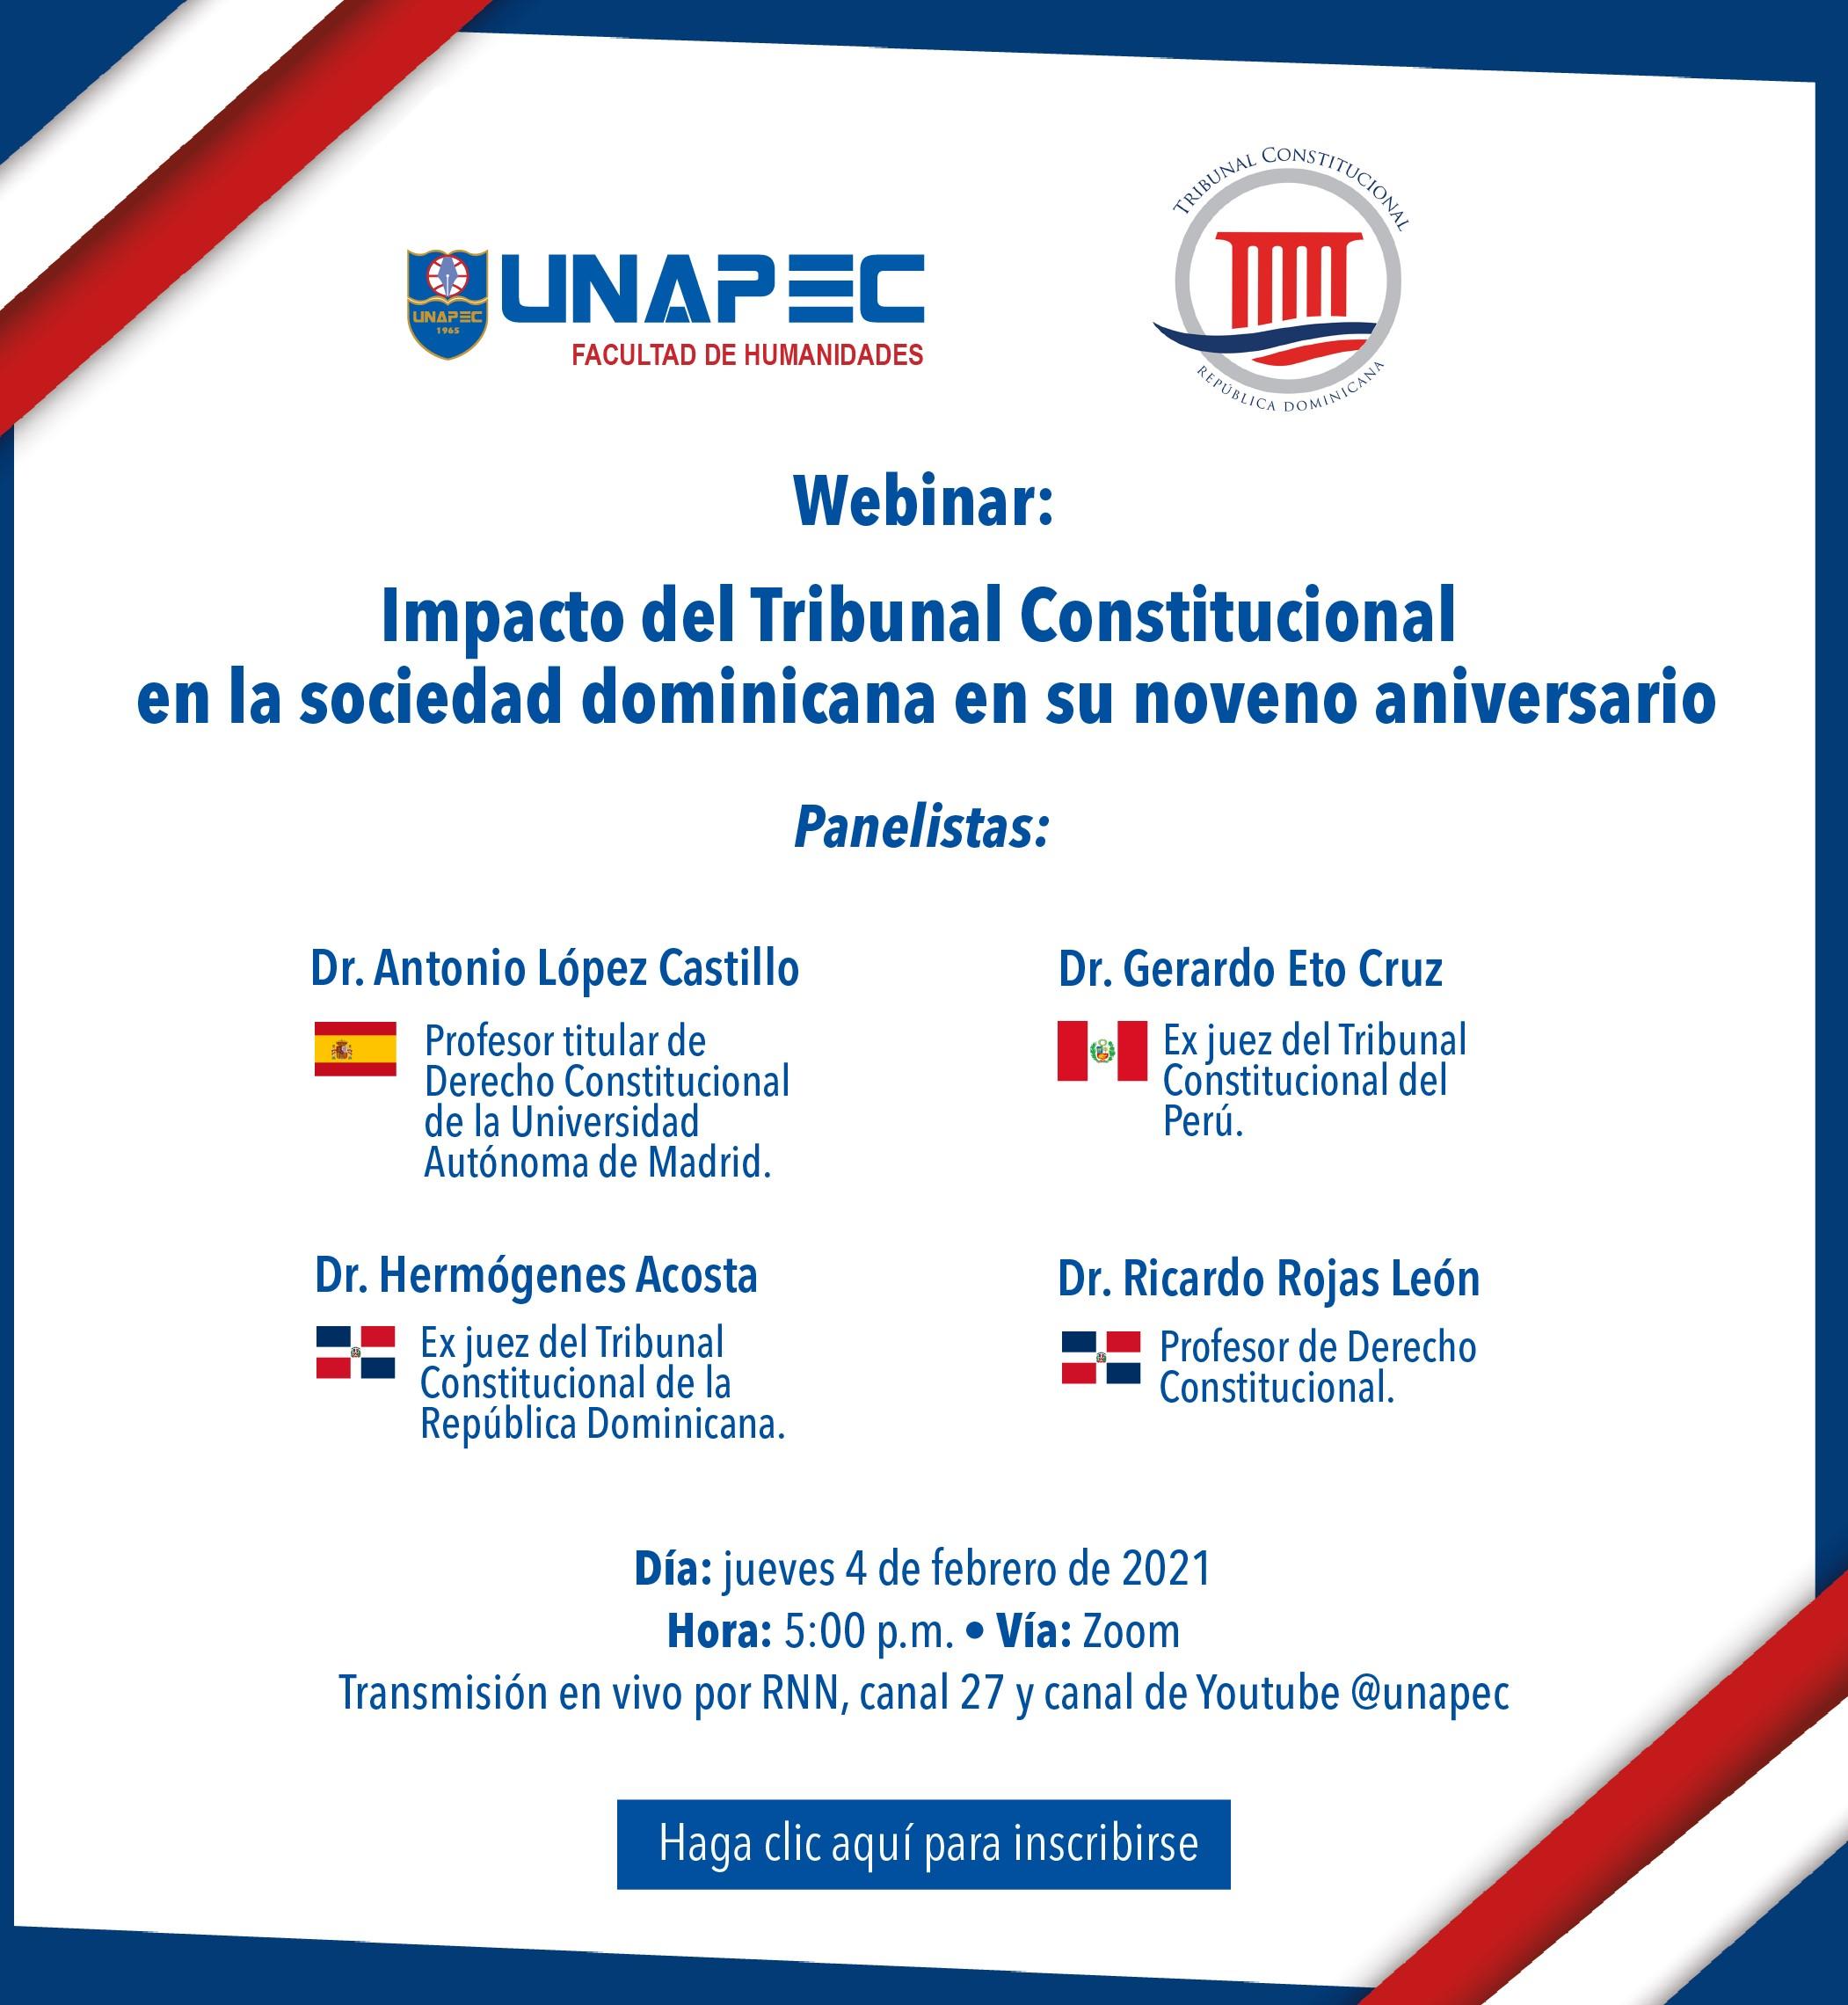 Imagen de Webinar: Impacto del Tribunal Constitucional en la sociedad dominicana en su noveno aniversario